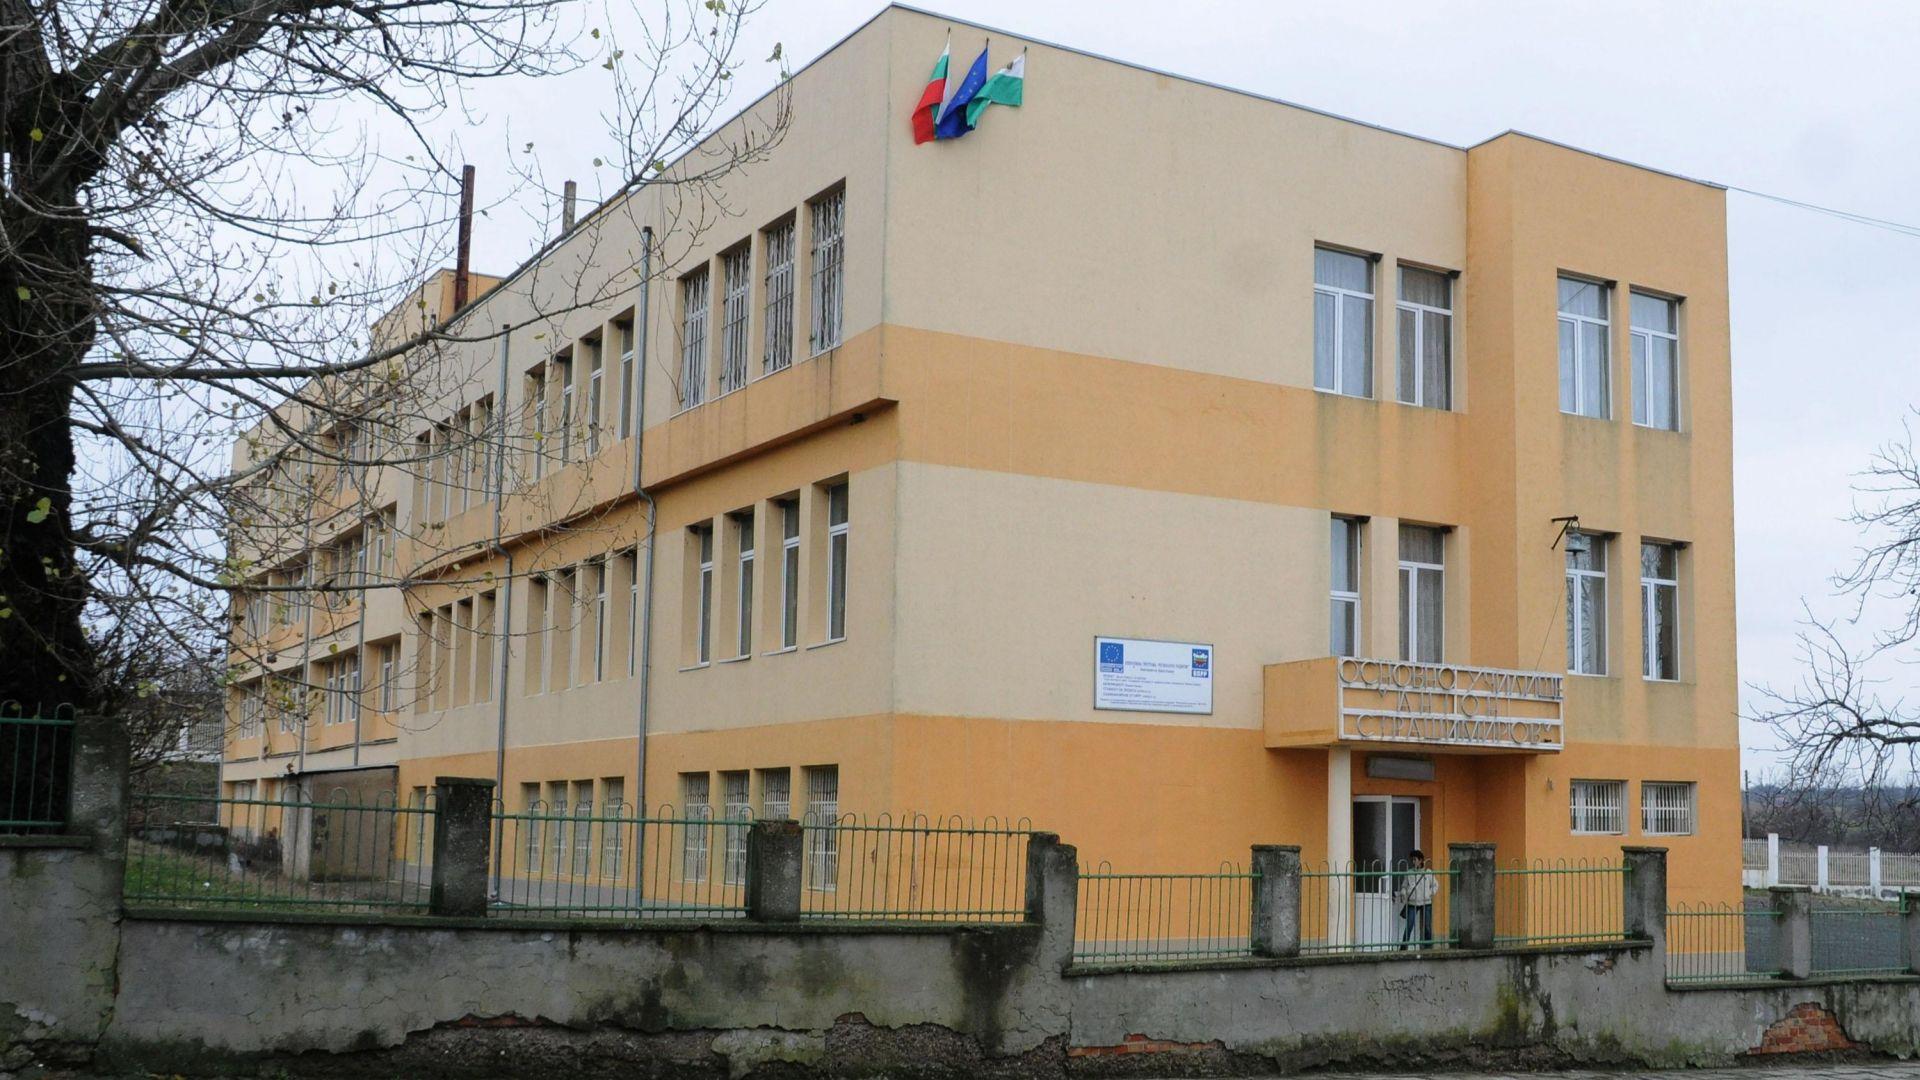 Четвърти ден продължава издирването на двамата избягали от затвора молдовци.